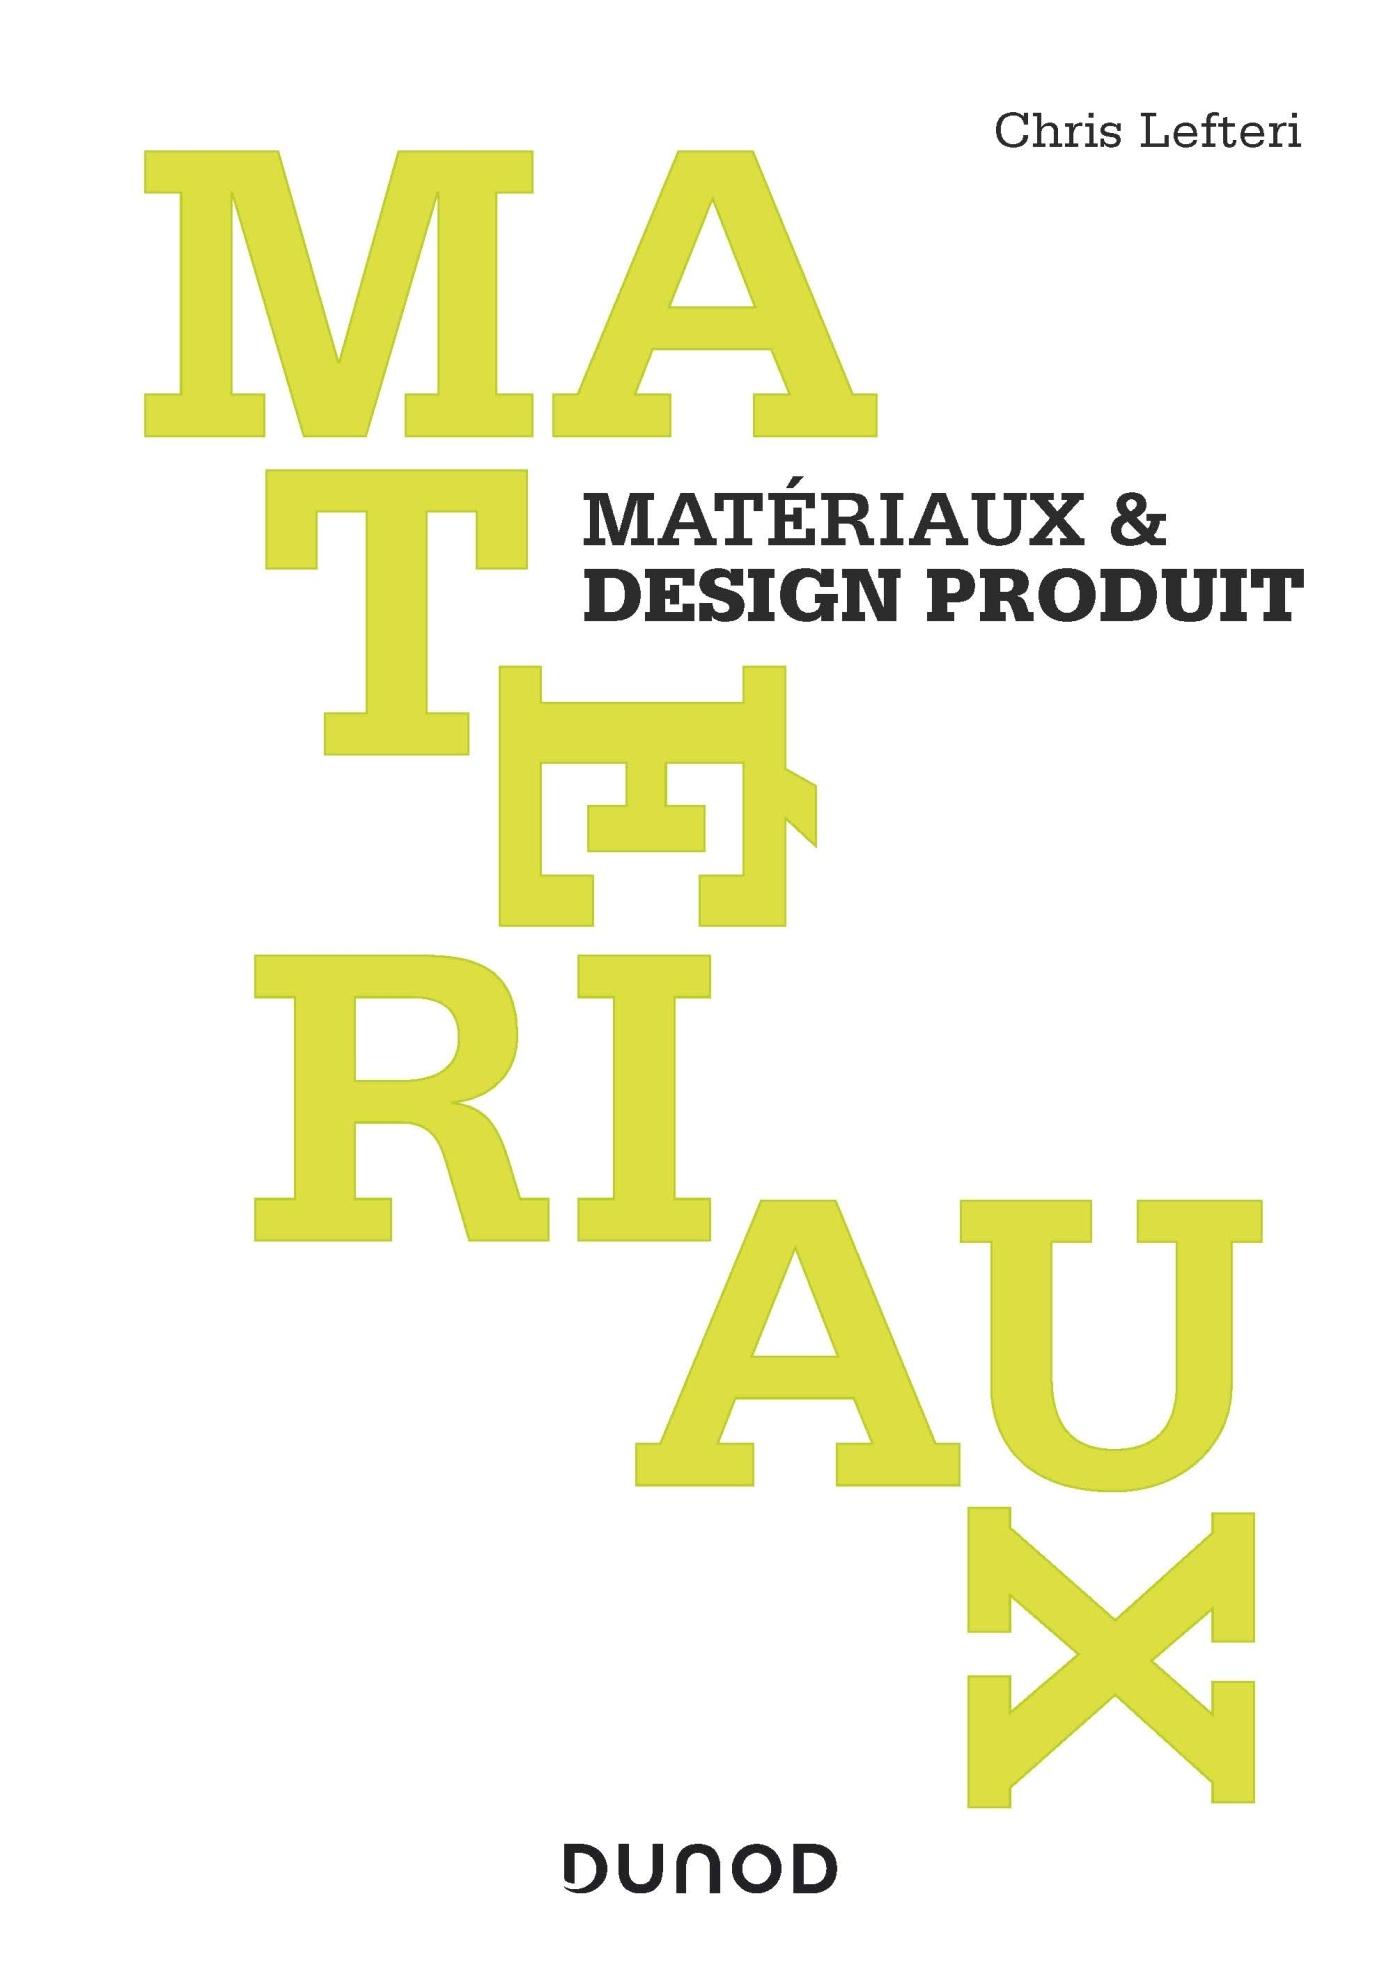 MATERIAUX & DESIGN PRODUIT